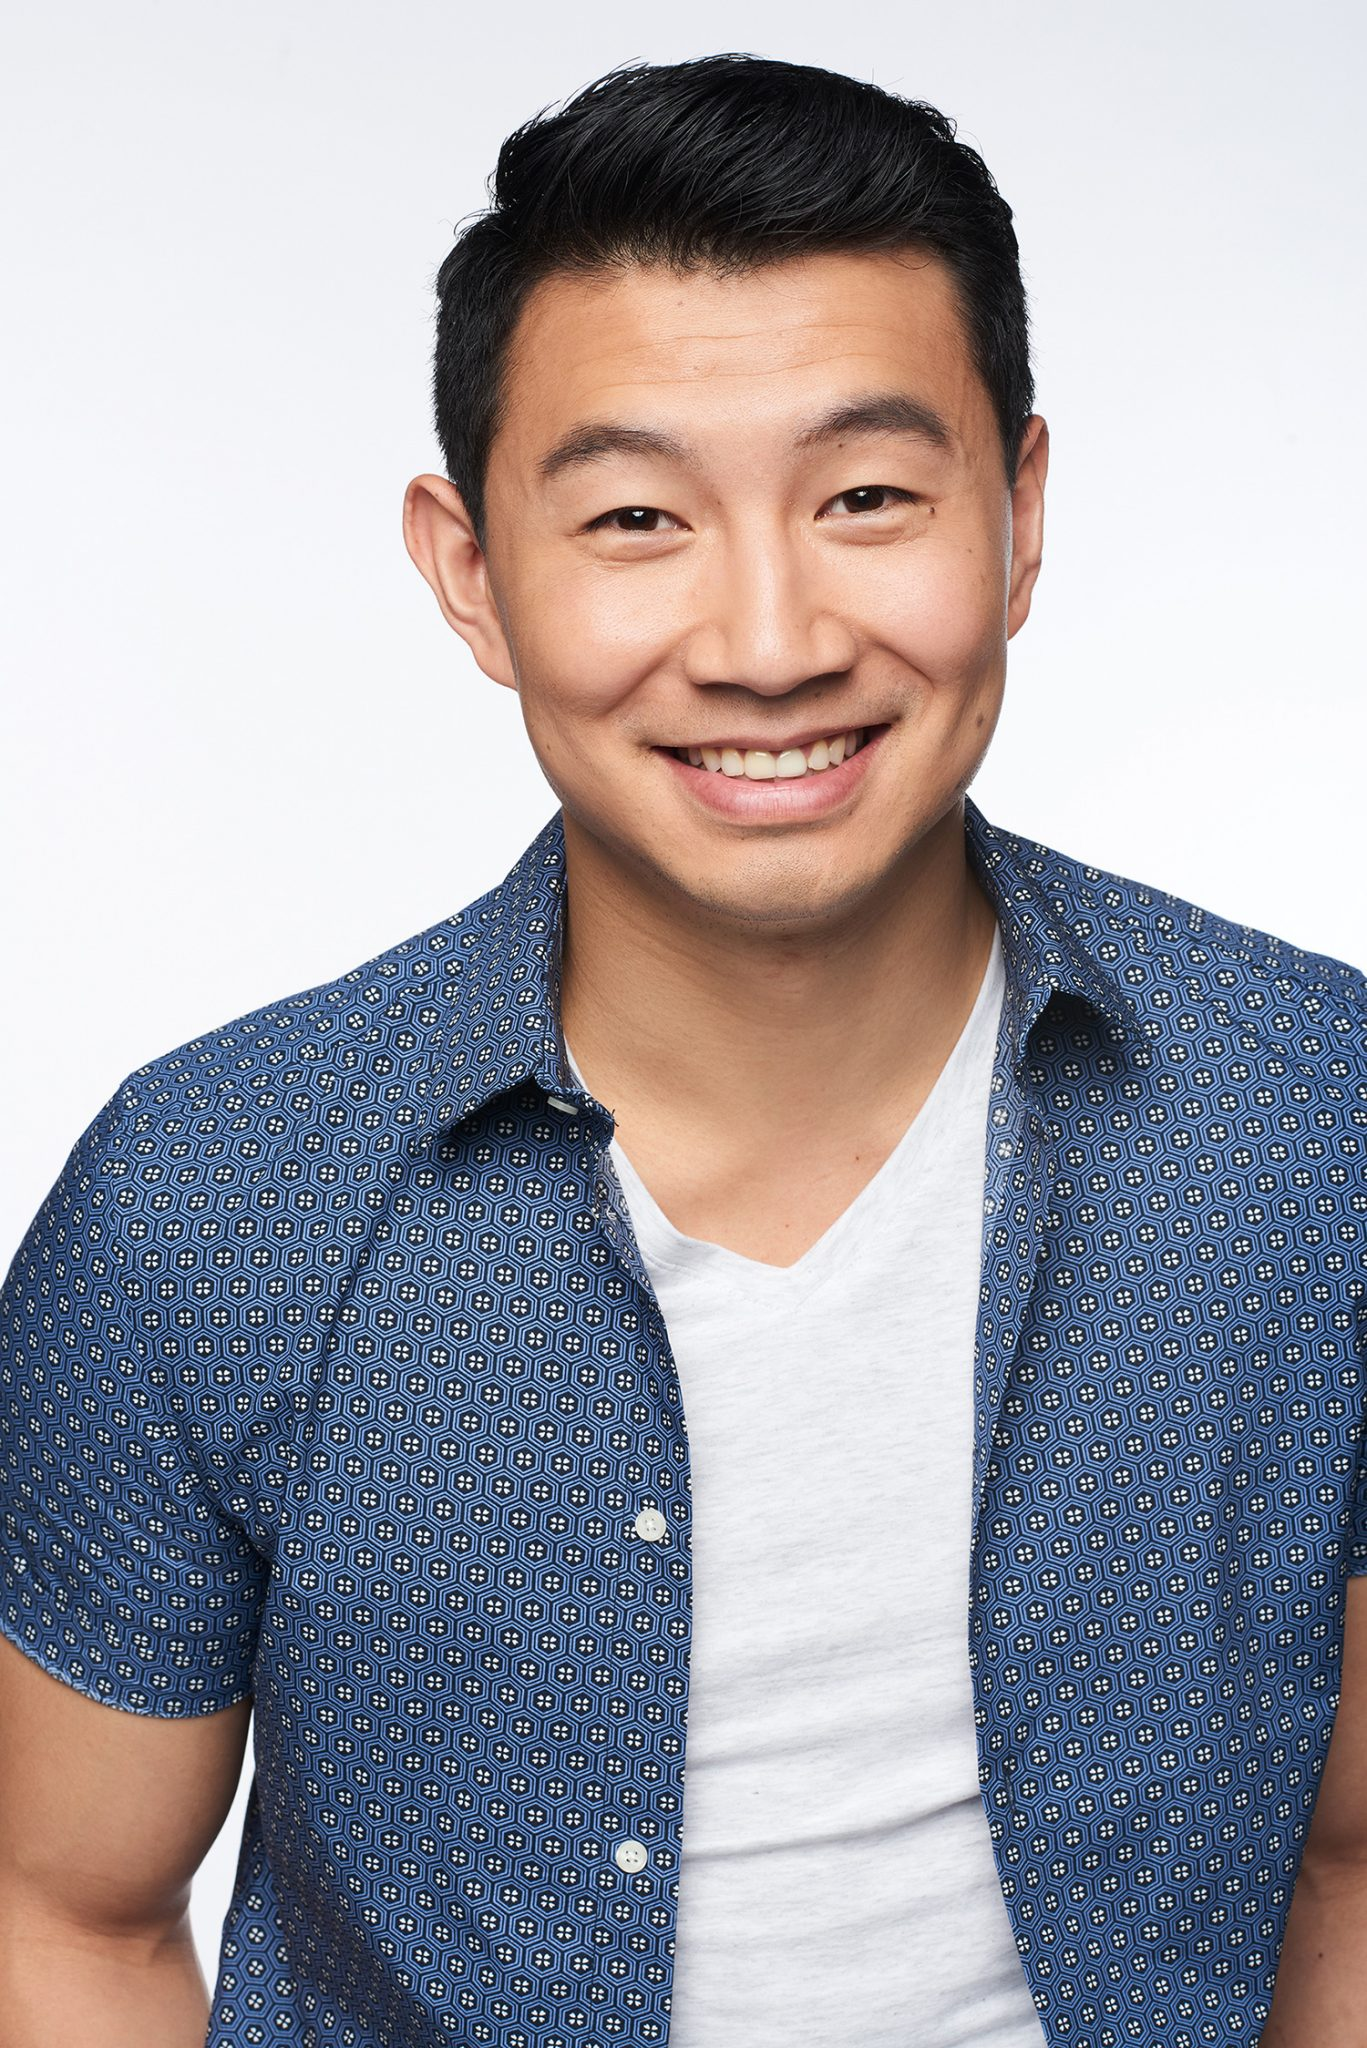 Simu Liu